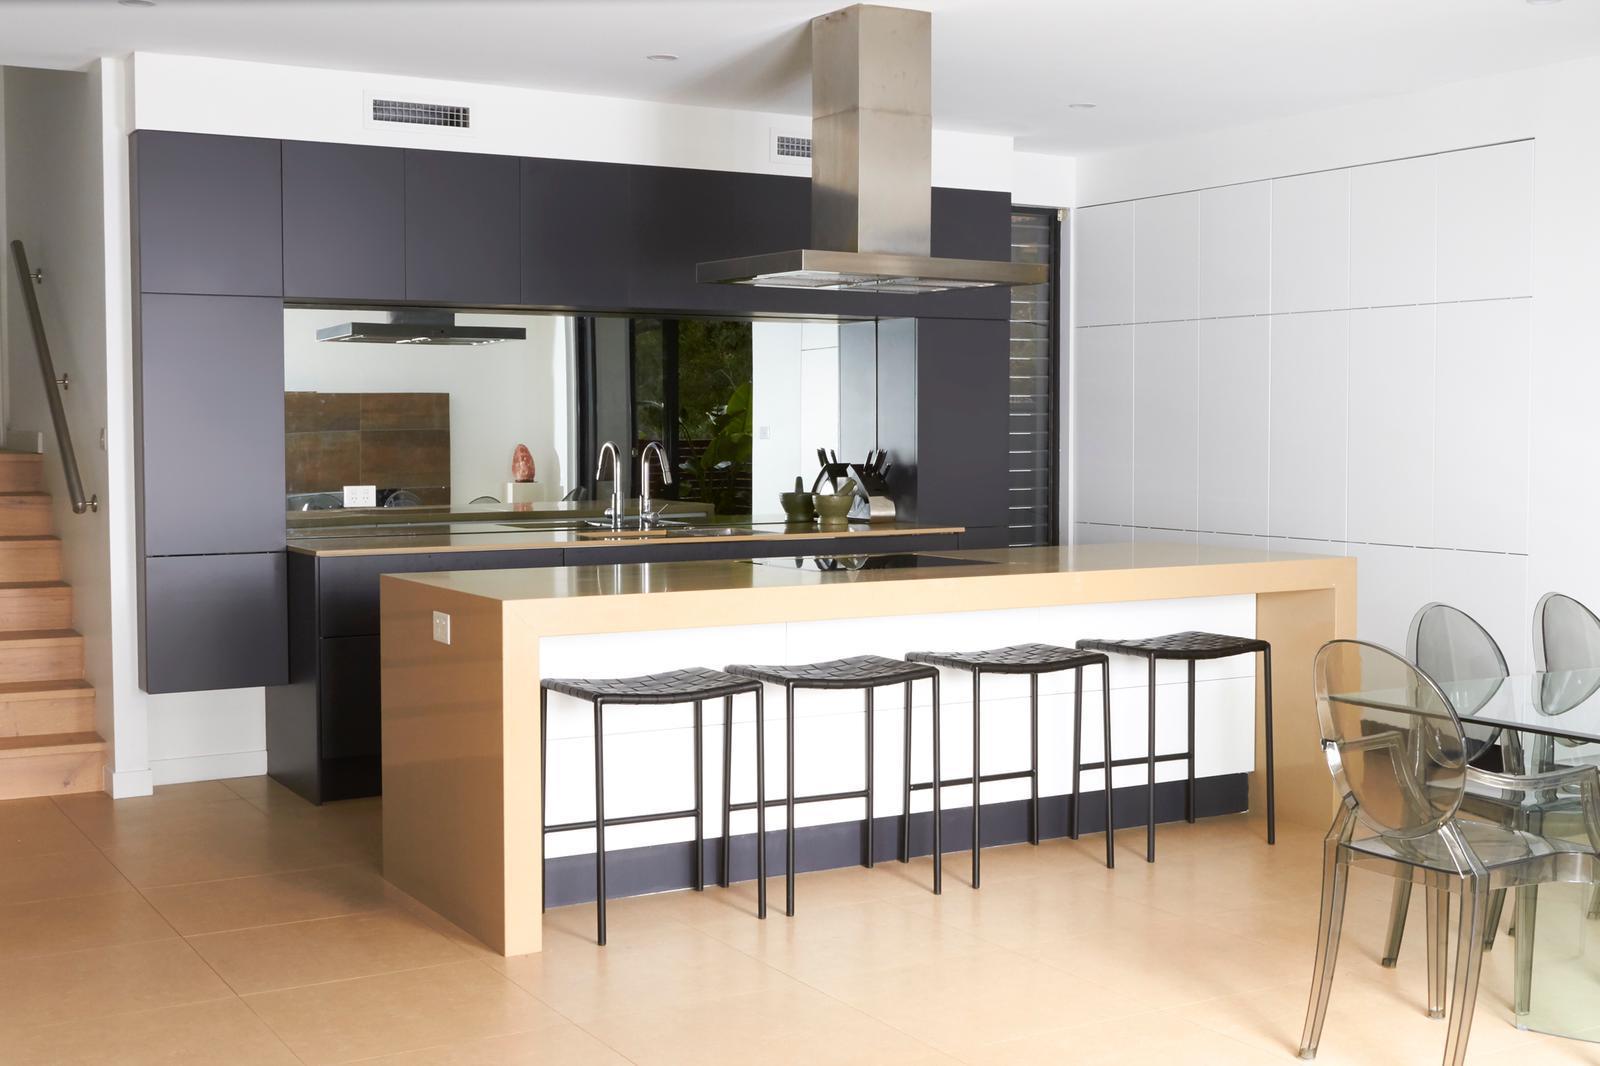 refurbished kitchen cabinets